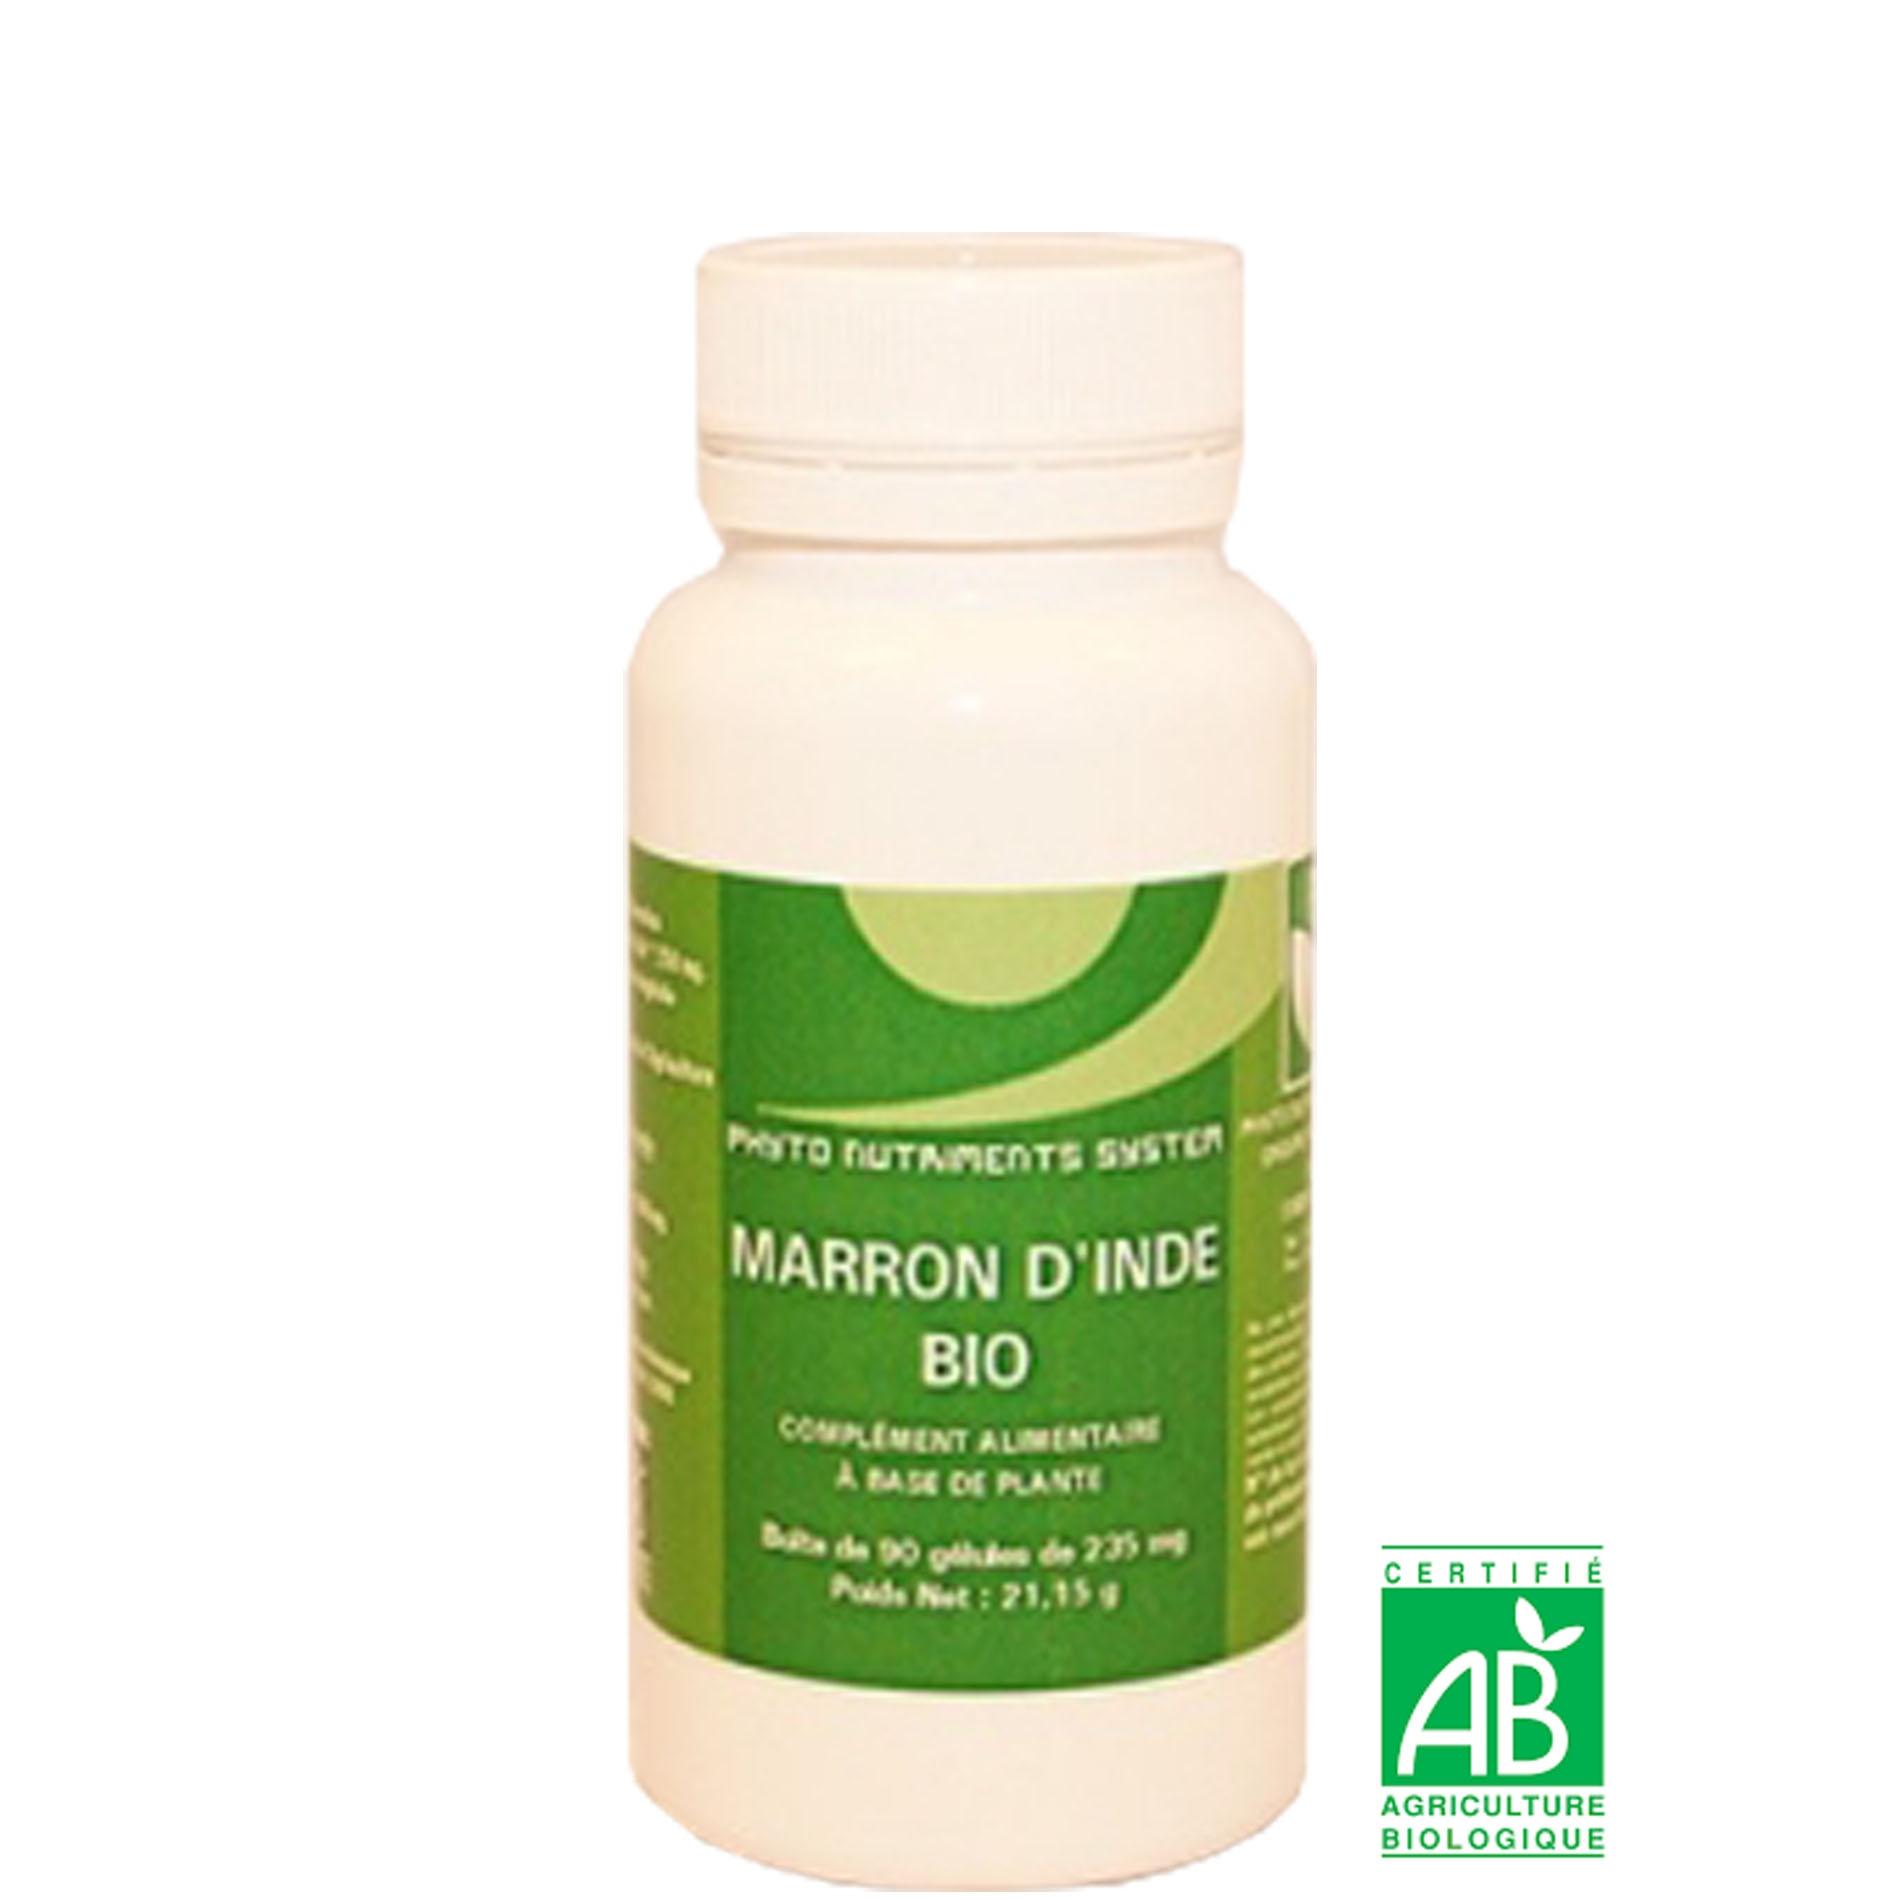 phytotherapie-marron-d-inde